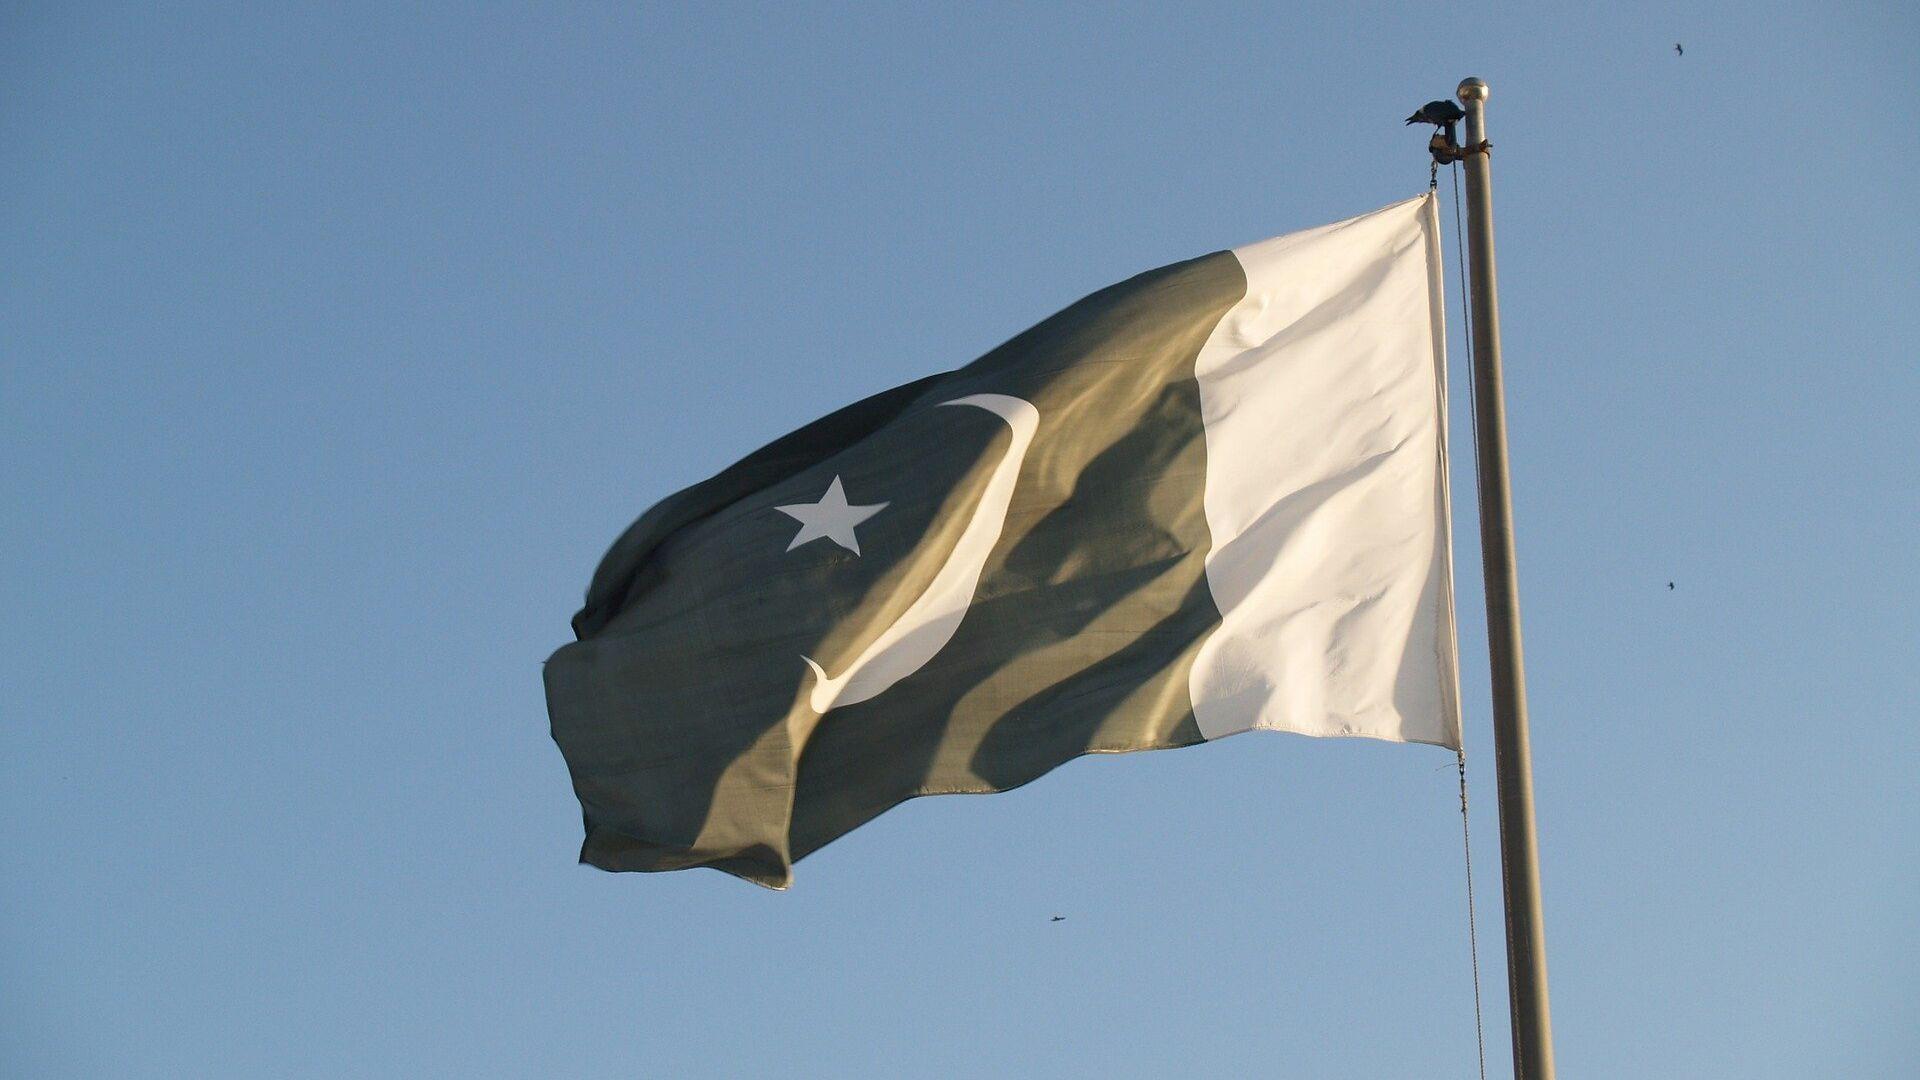 La bandera de Pakistán - Sputnik Mundo, 1920, 20.09.2021